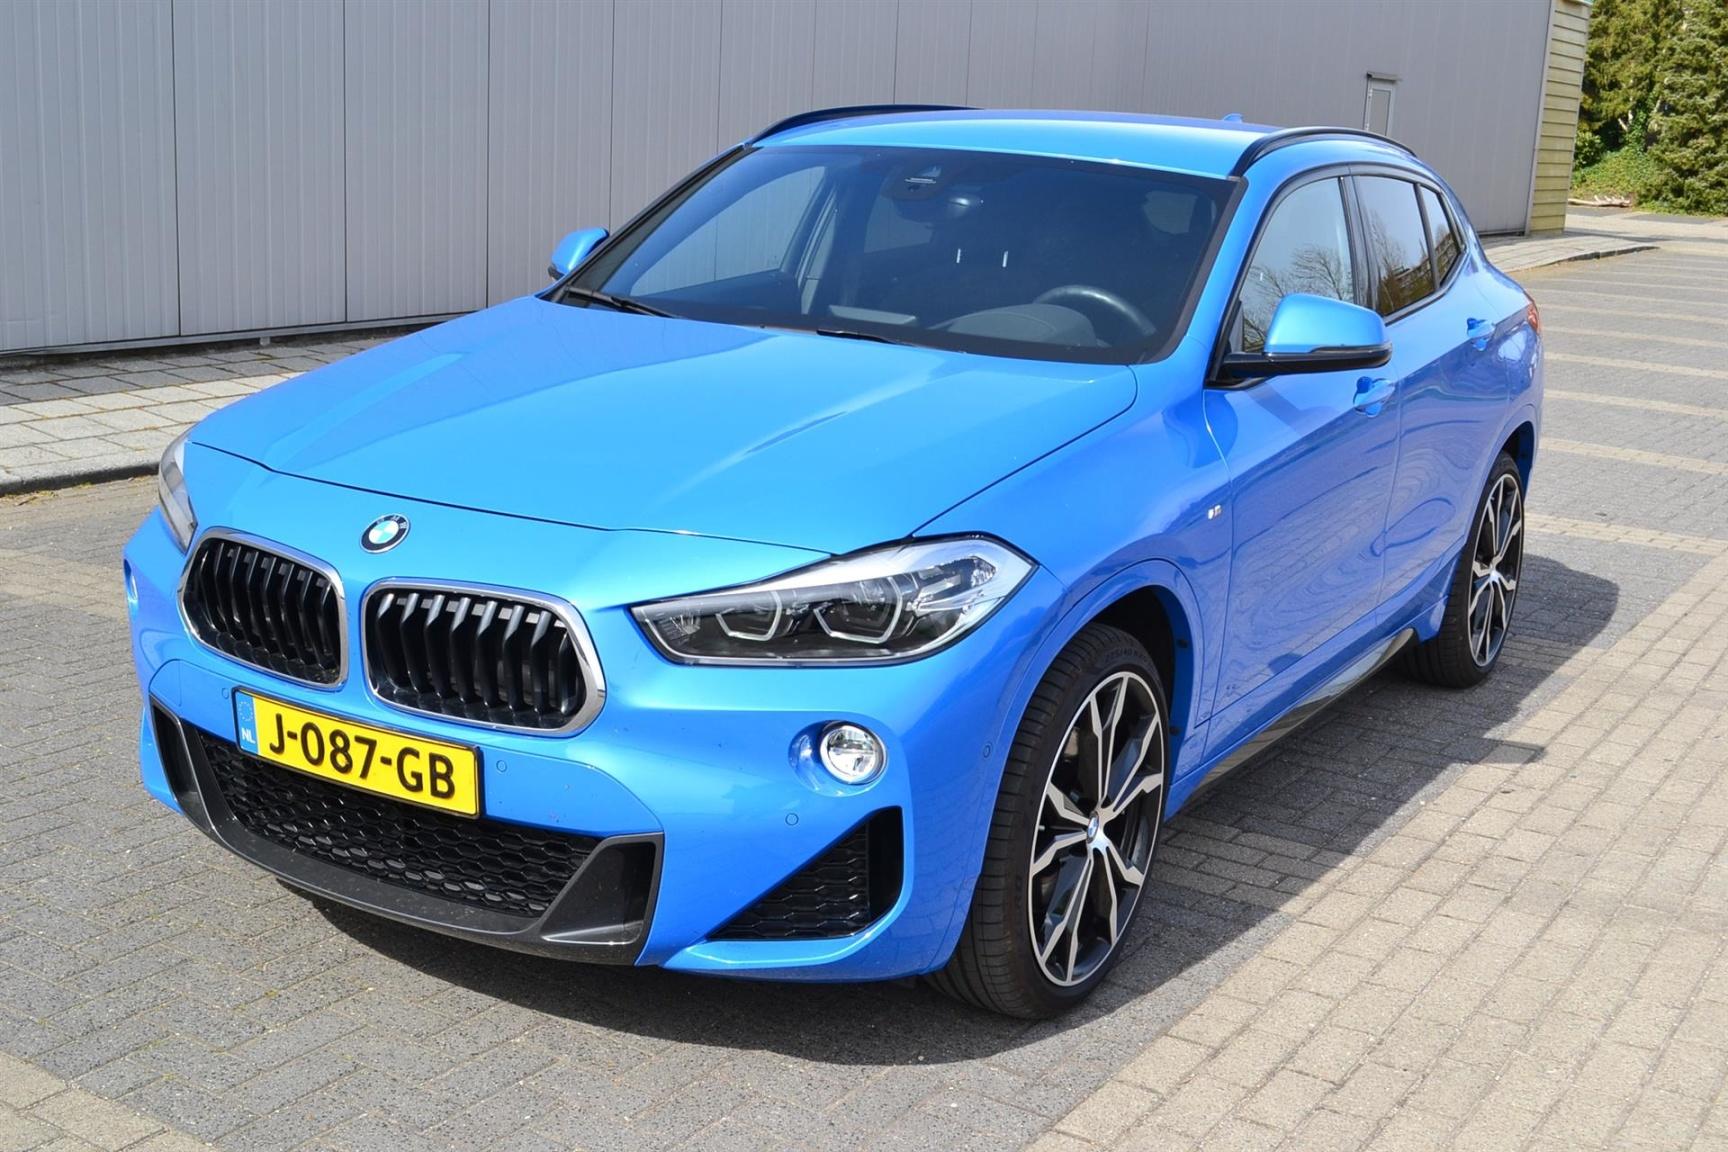 BMW-X2 XDRIVE20I-21